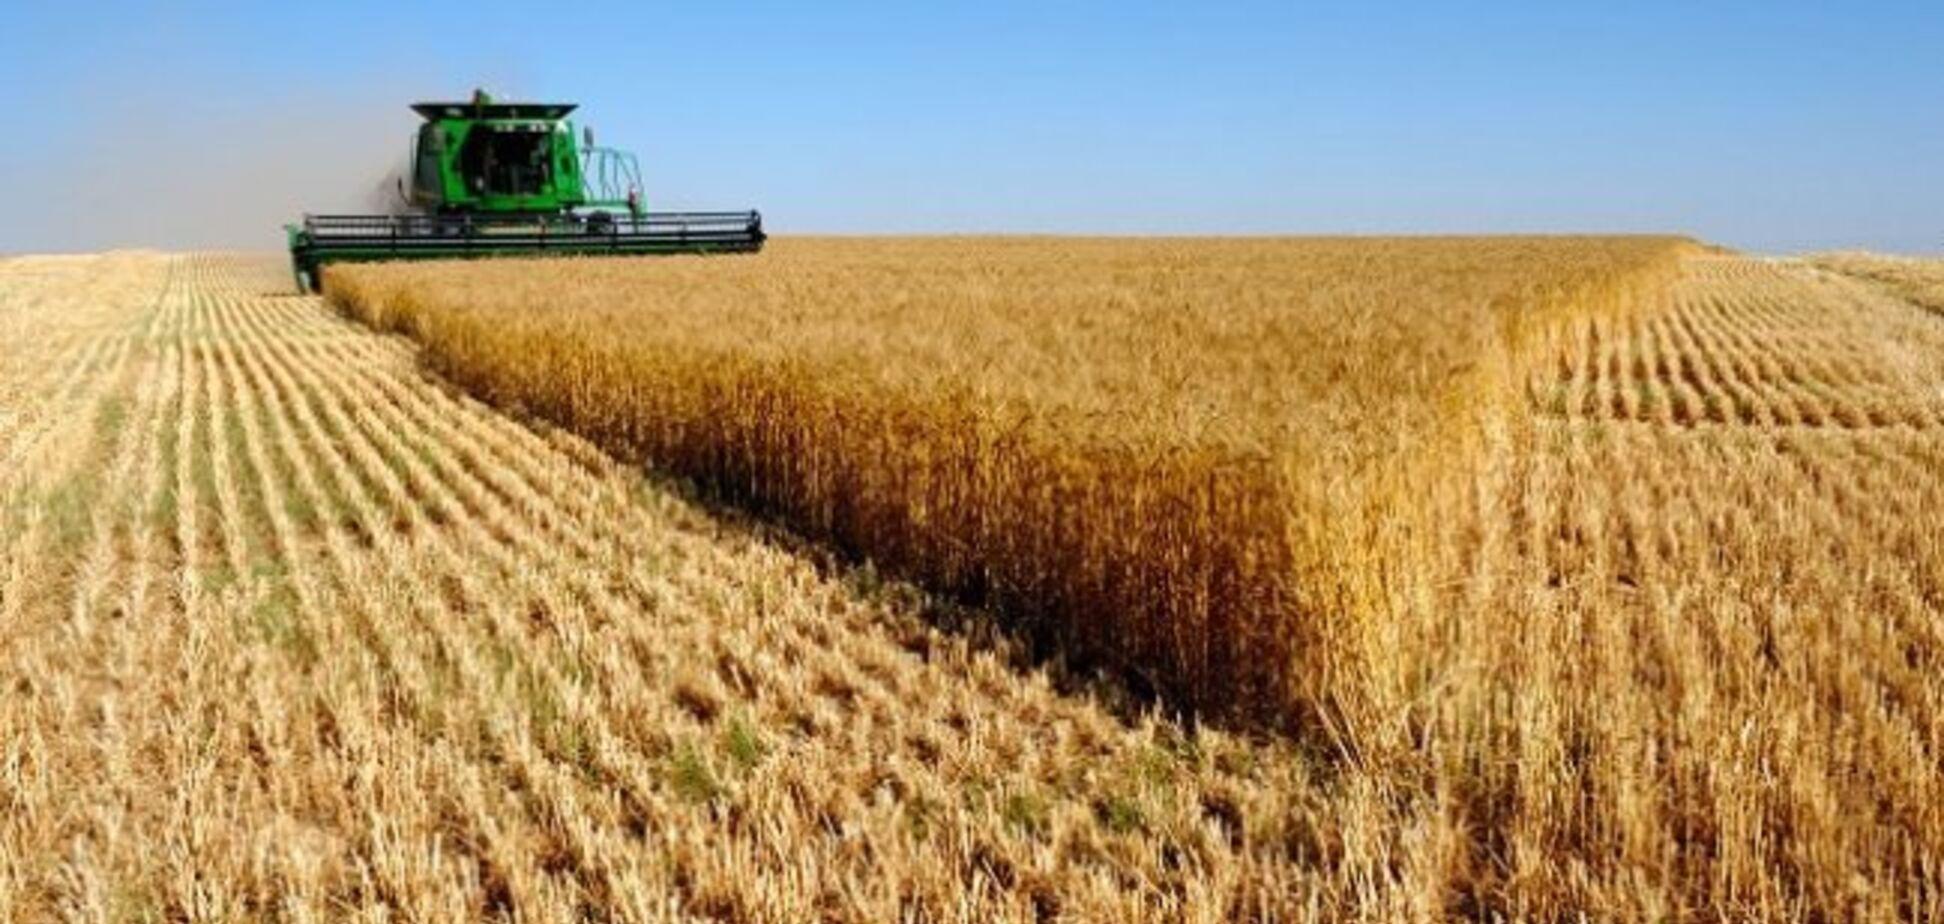 Украина стала одним из крупнейших поставщиков сельхозпродукции в ЕС